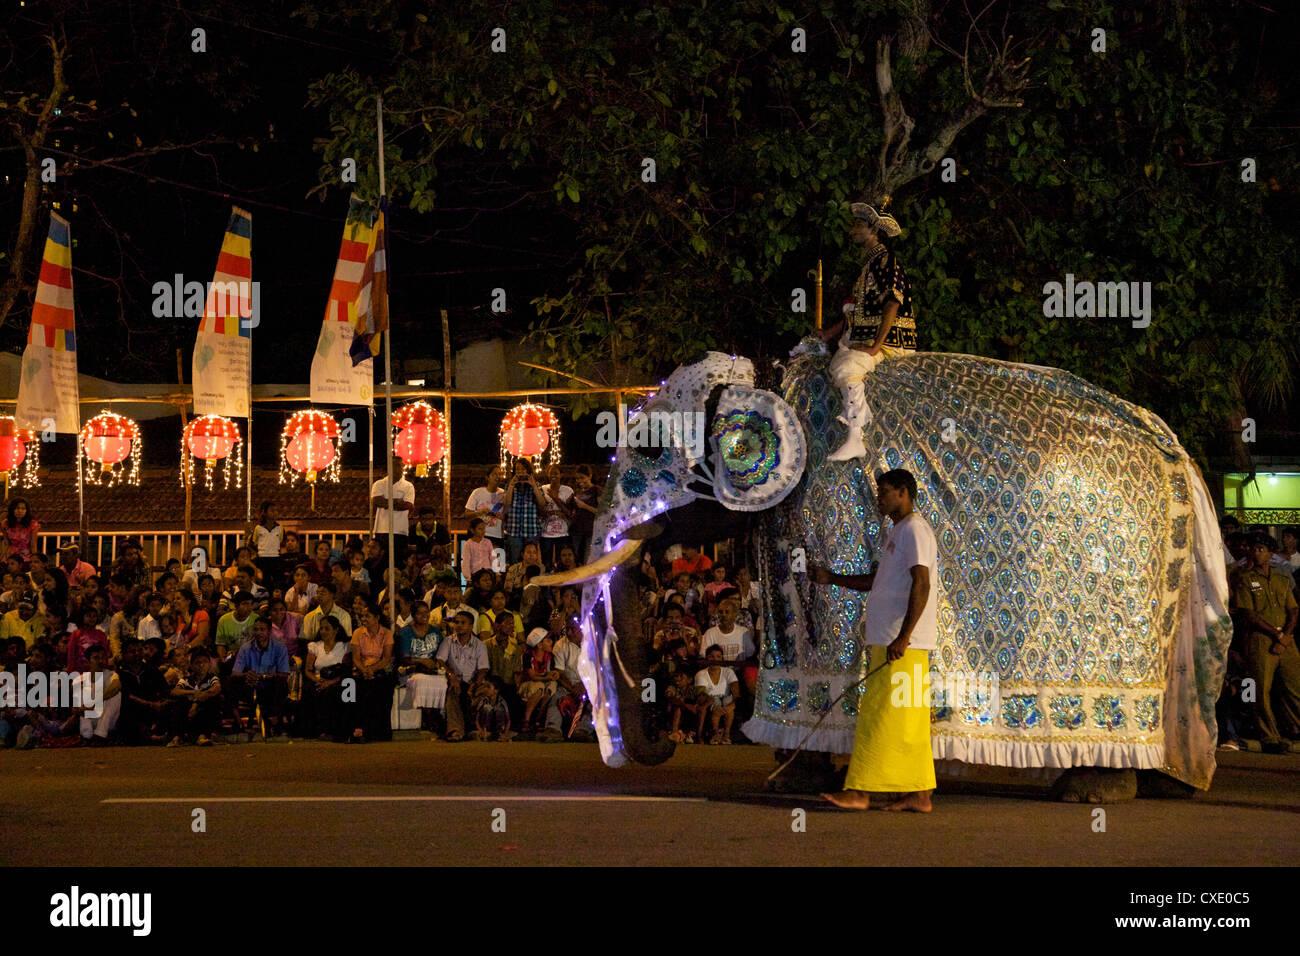 Ceremonial elephant in the Navam Maha Perahera, Colombo, Sri Lanka - Stock Image